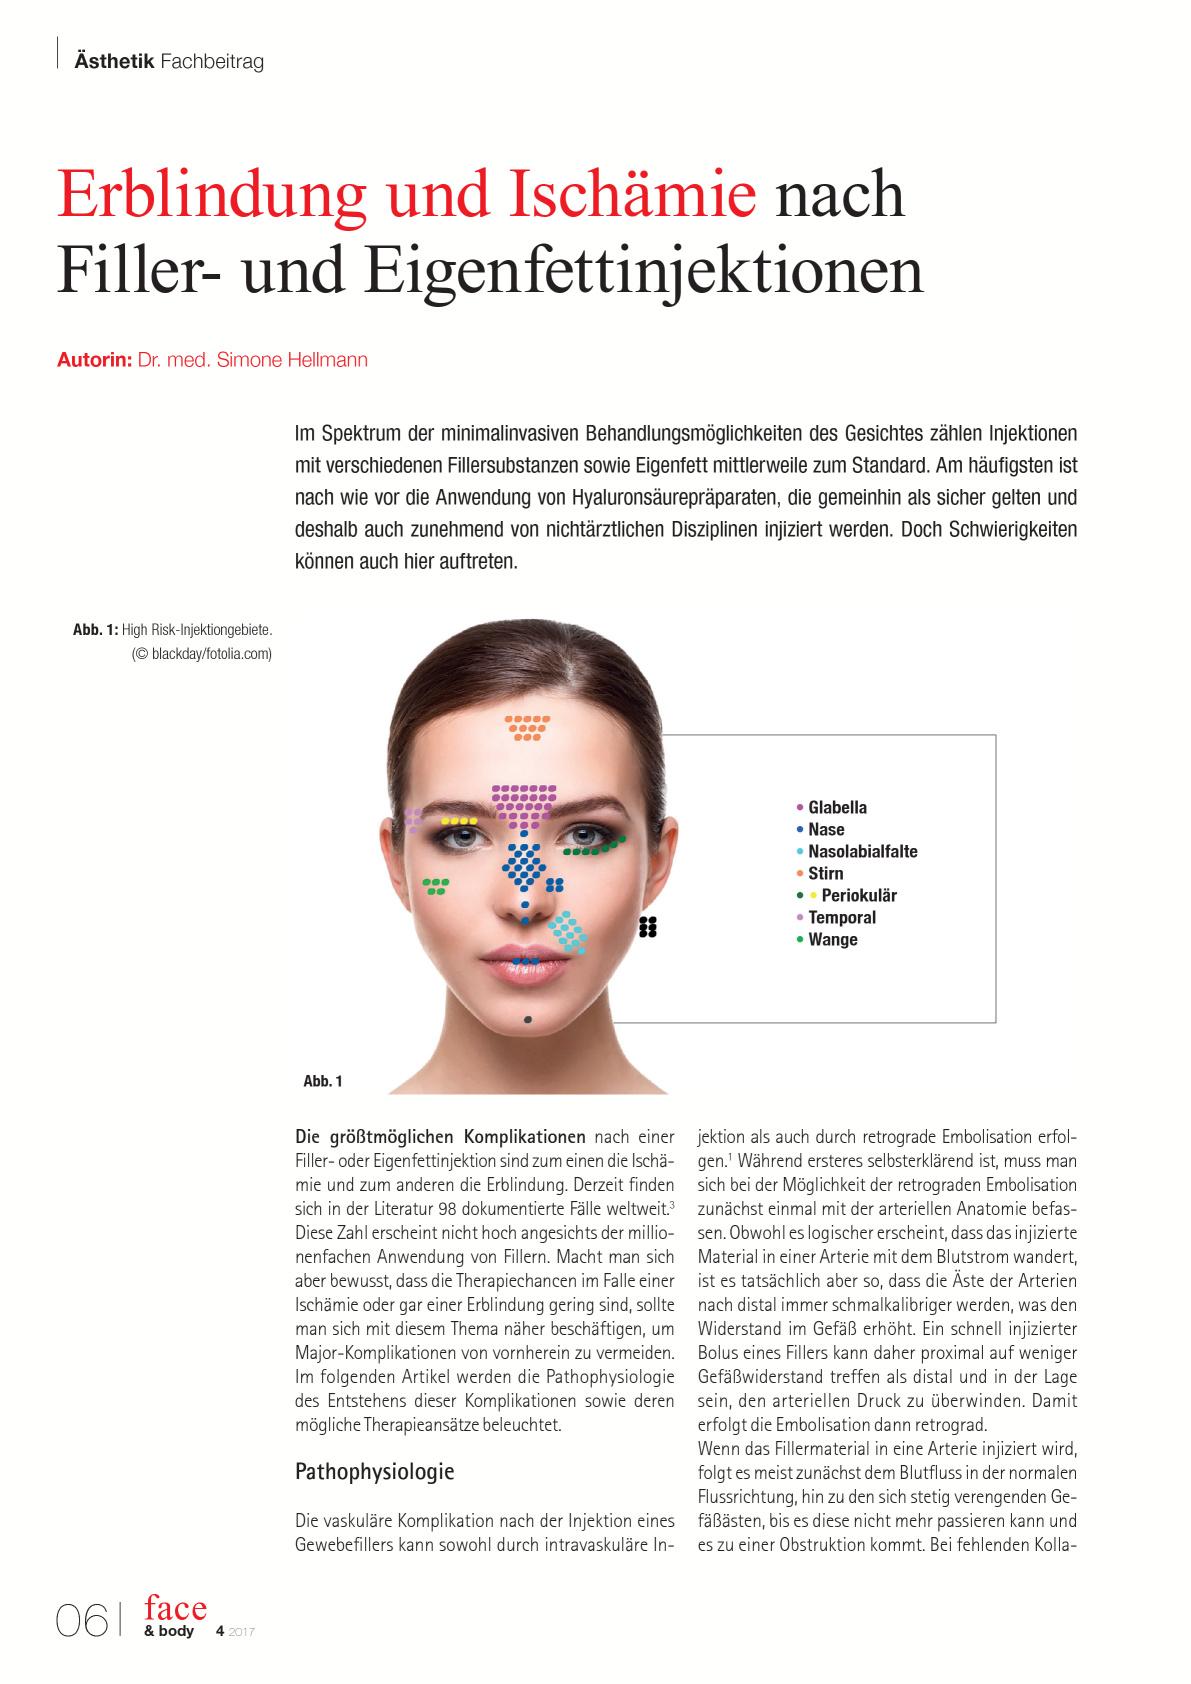 Fantastisch Die Anatomie Der Zunge In Der Backe Galerie - Anatomie ...